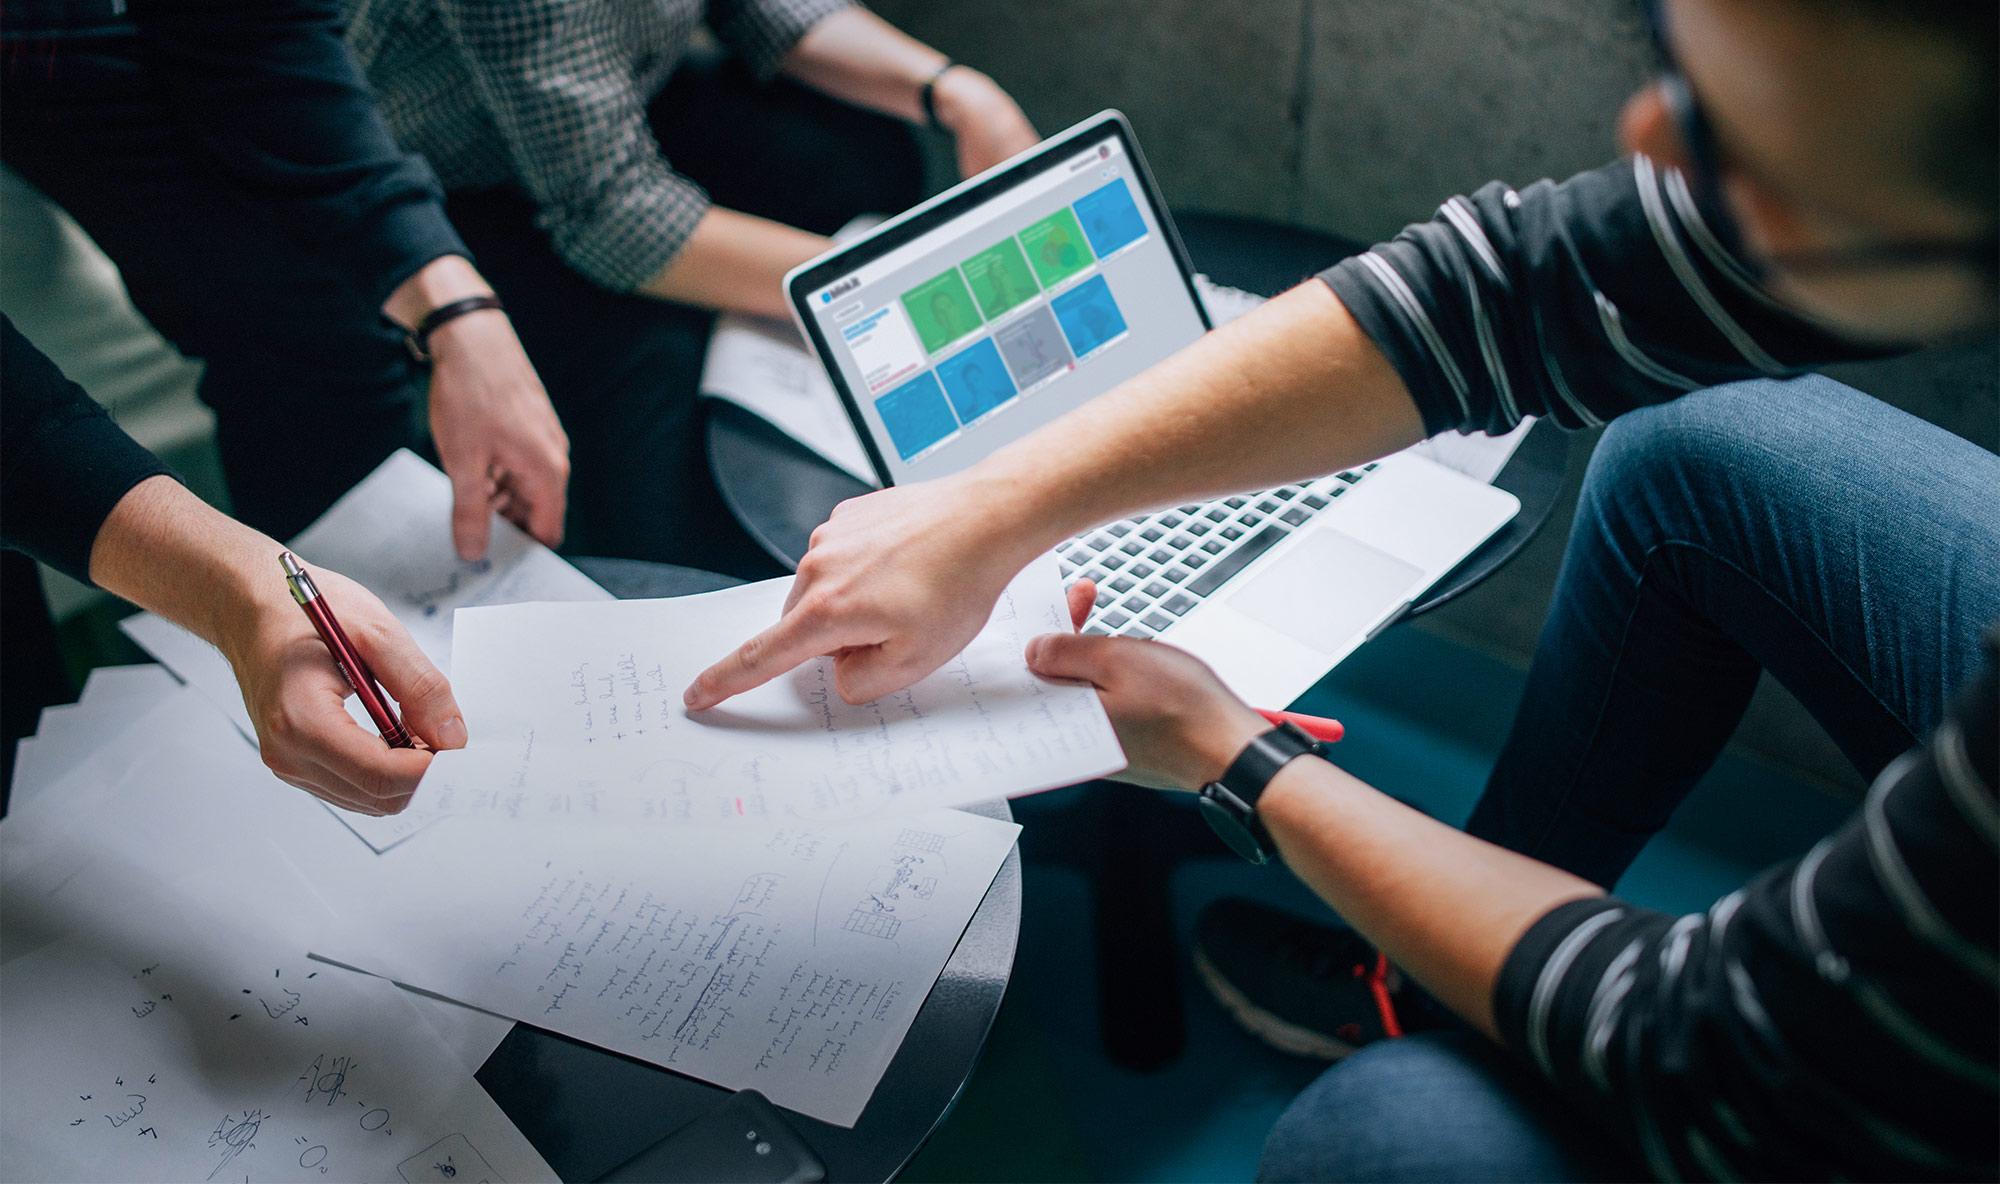 Wir suchen Softwareentwickler (m/w) zur Unterstützung unseres Teams.